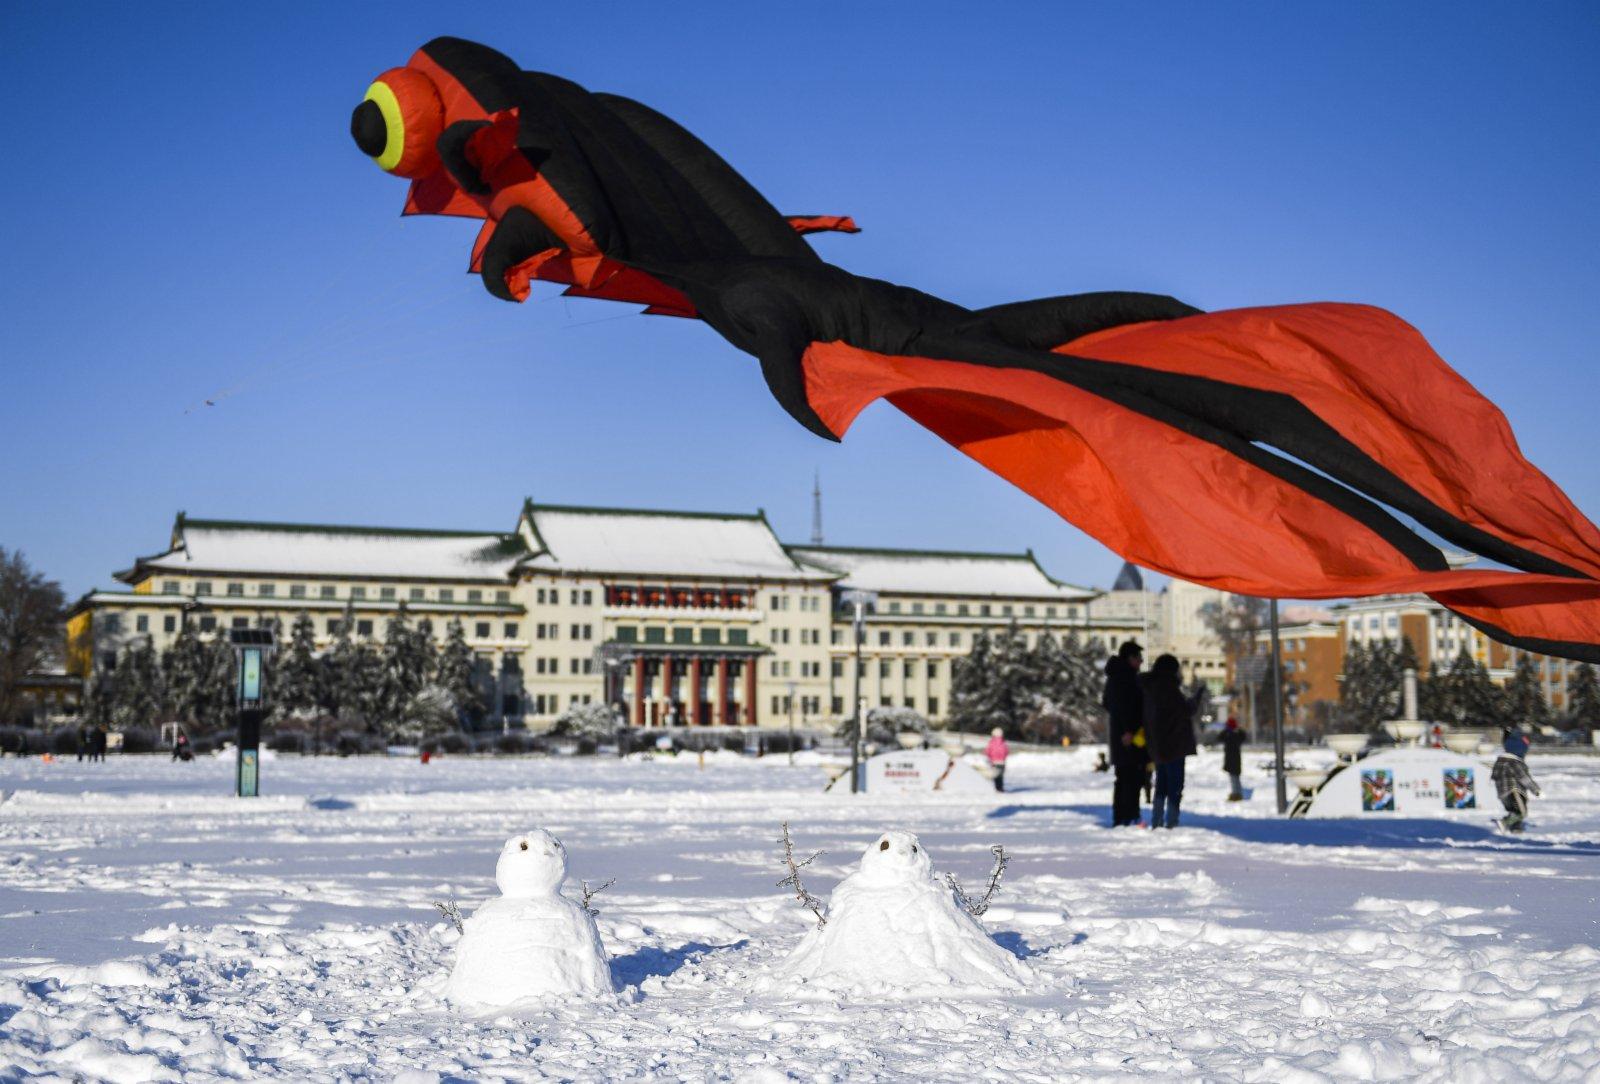 11月20日在長春市文化廣場拍攝的雪地中的兩個雪人.